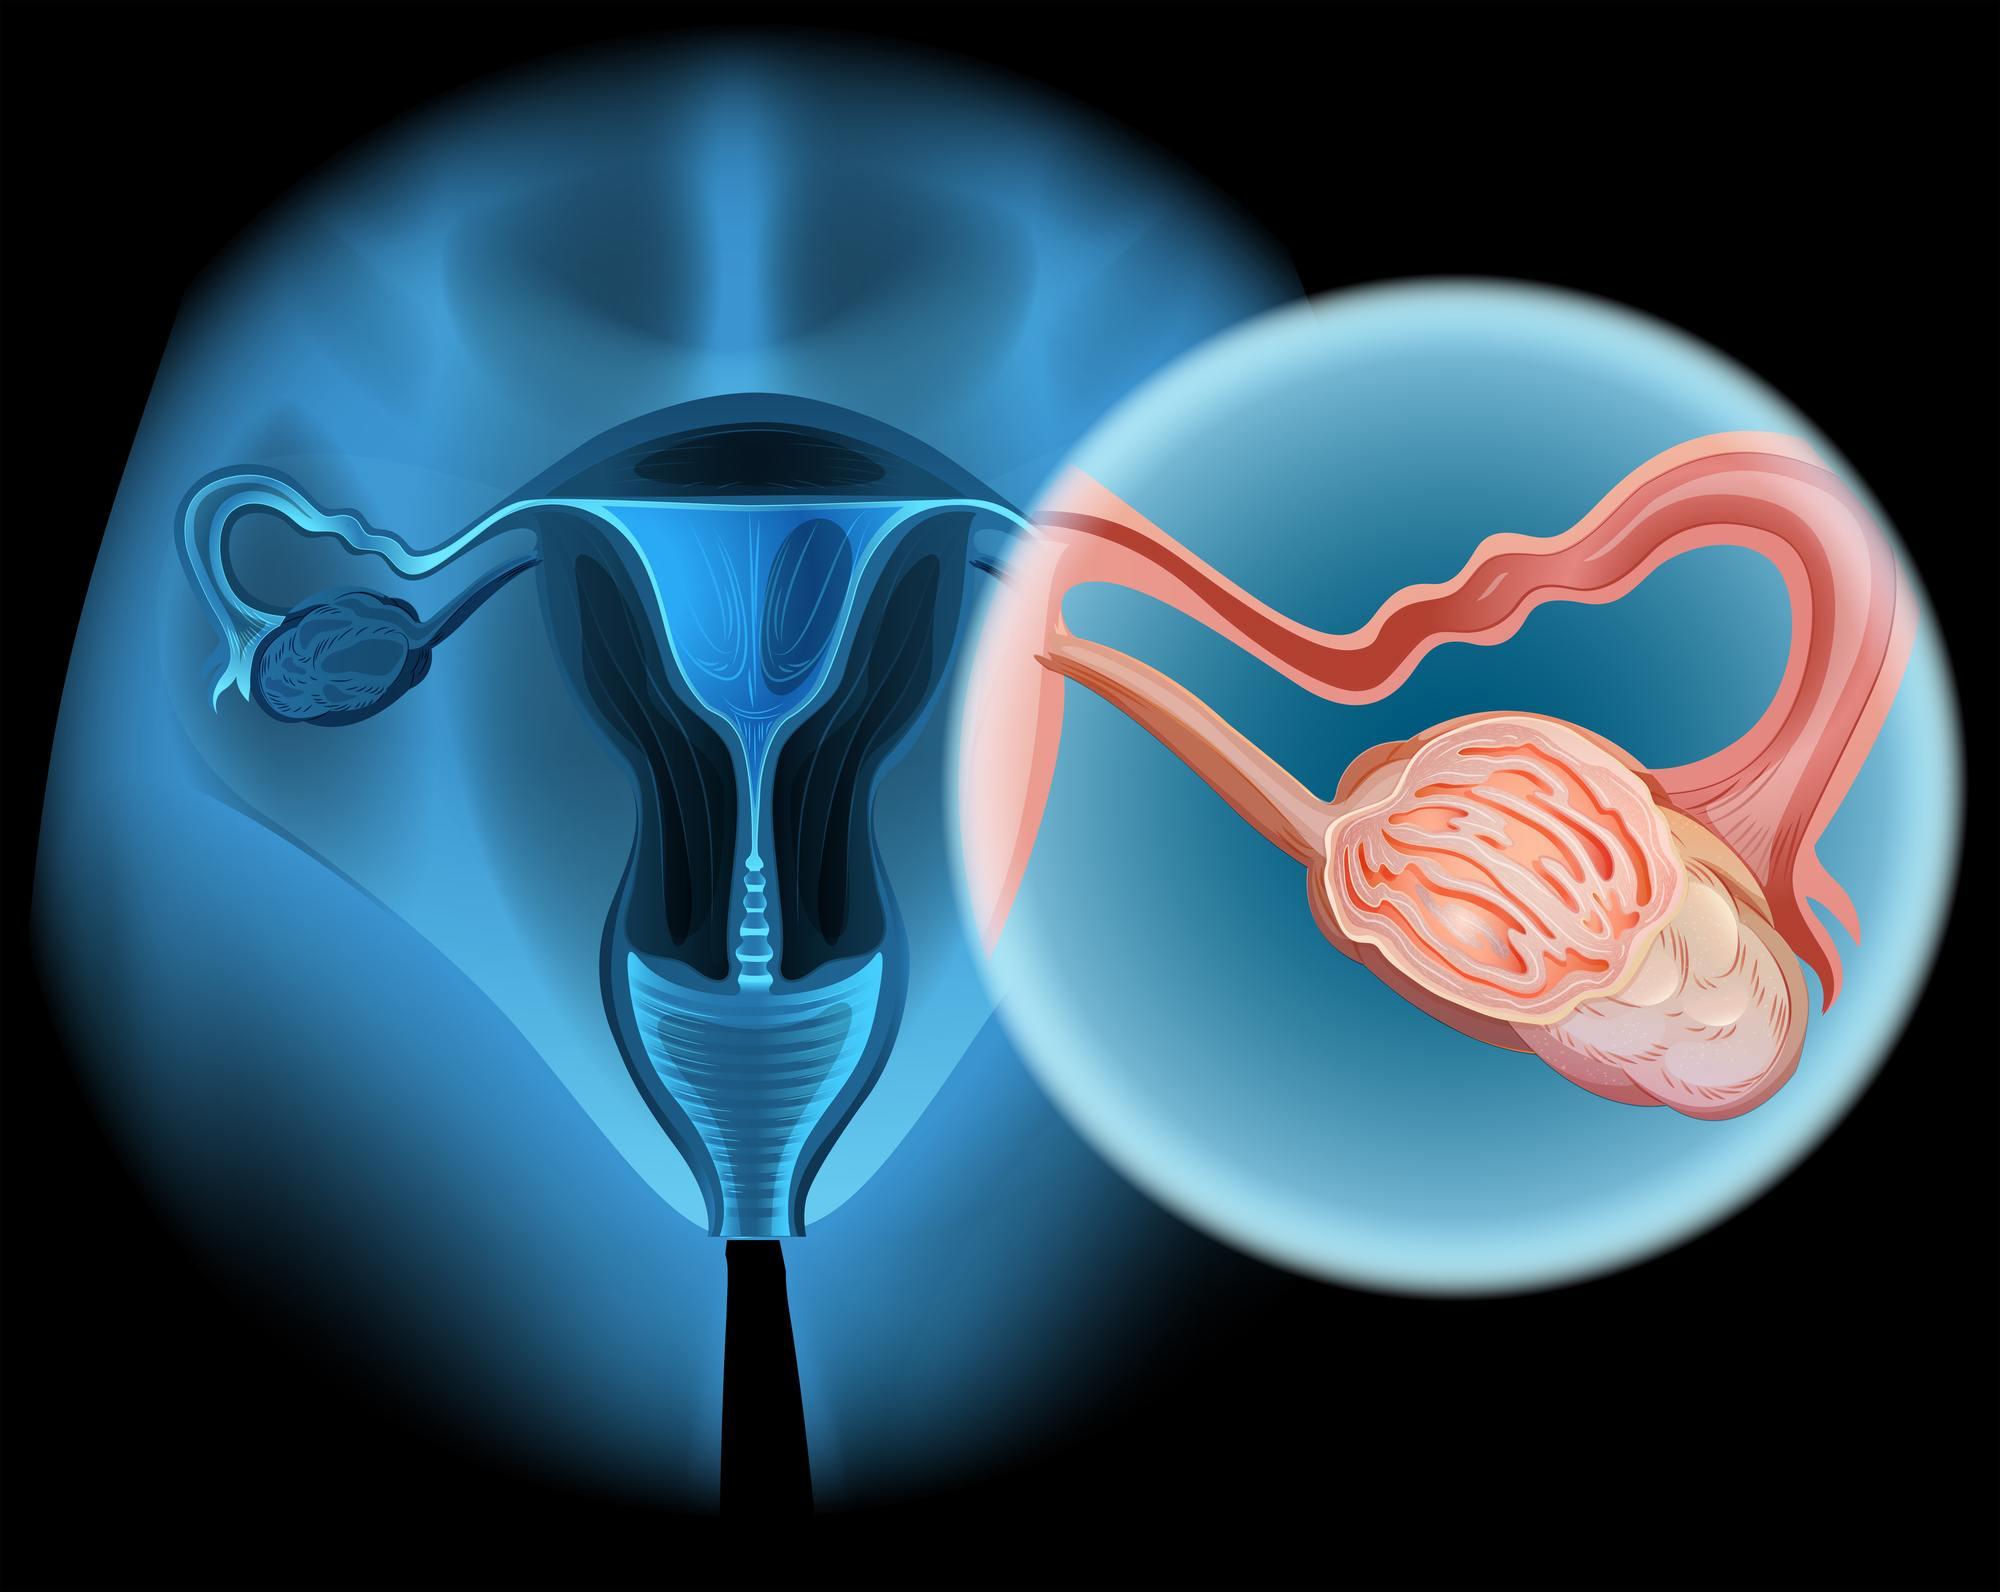 Έγκαιρη διάγνωση καρκίνου ωοθηκών με τεστ αίματος